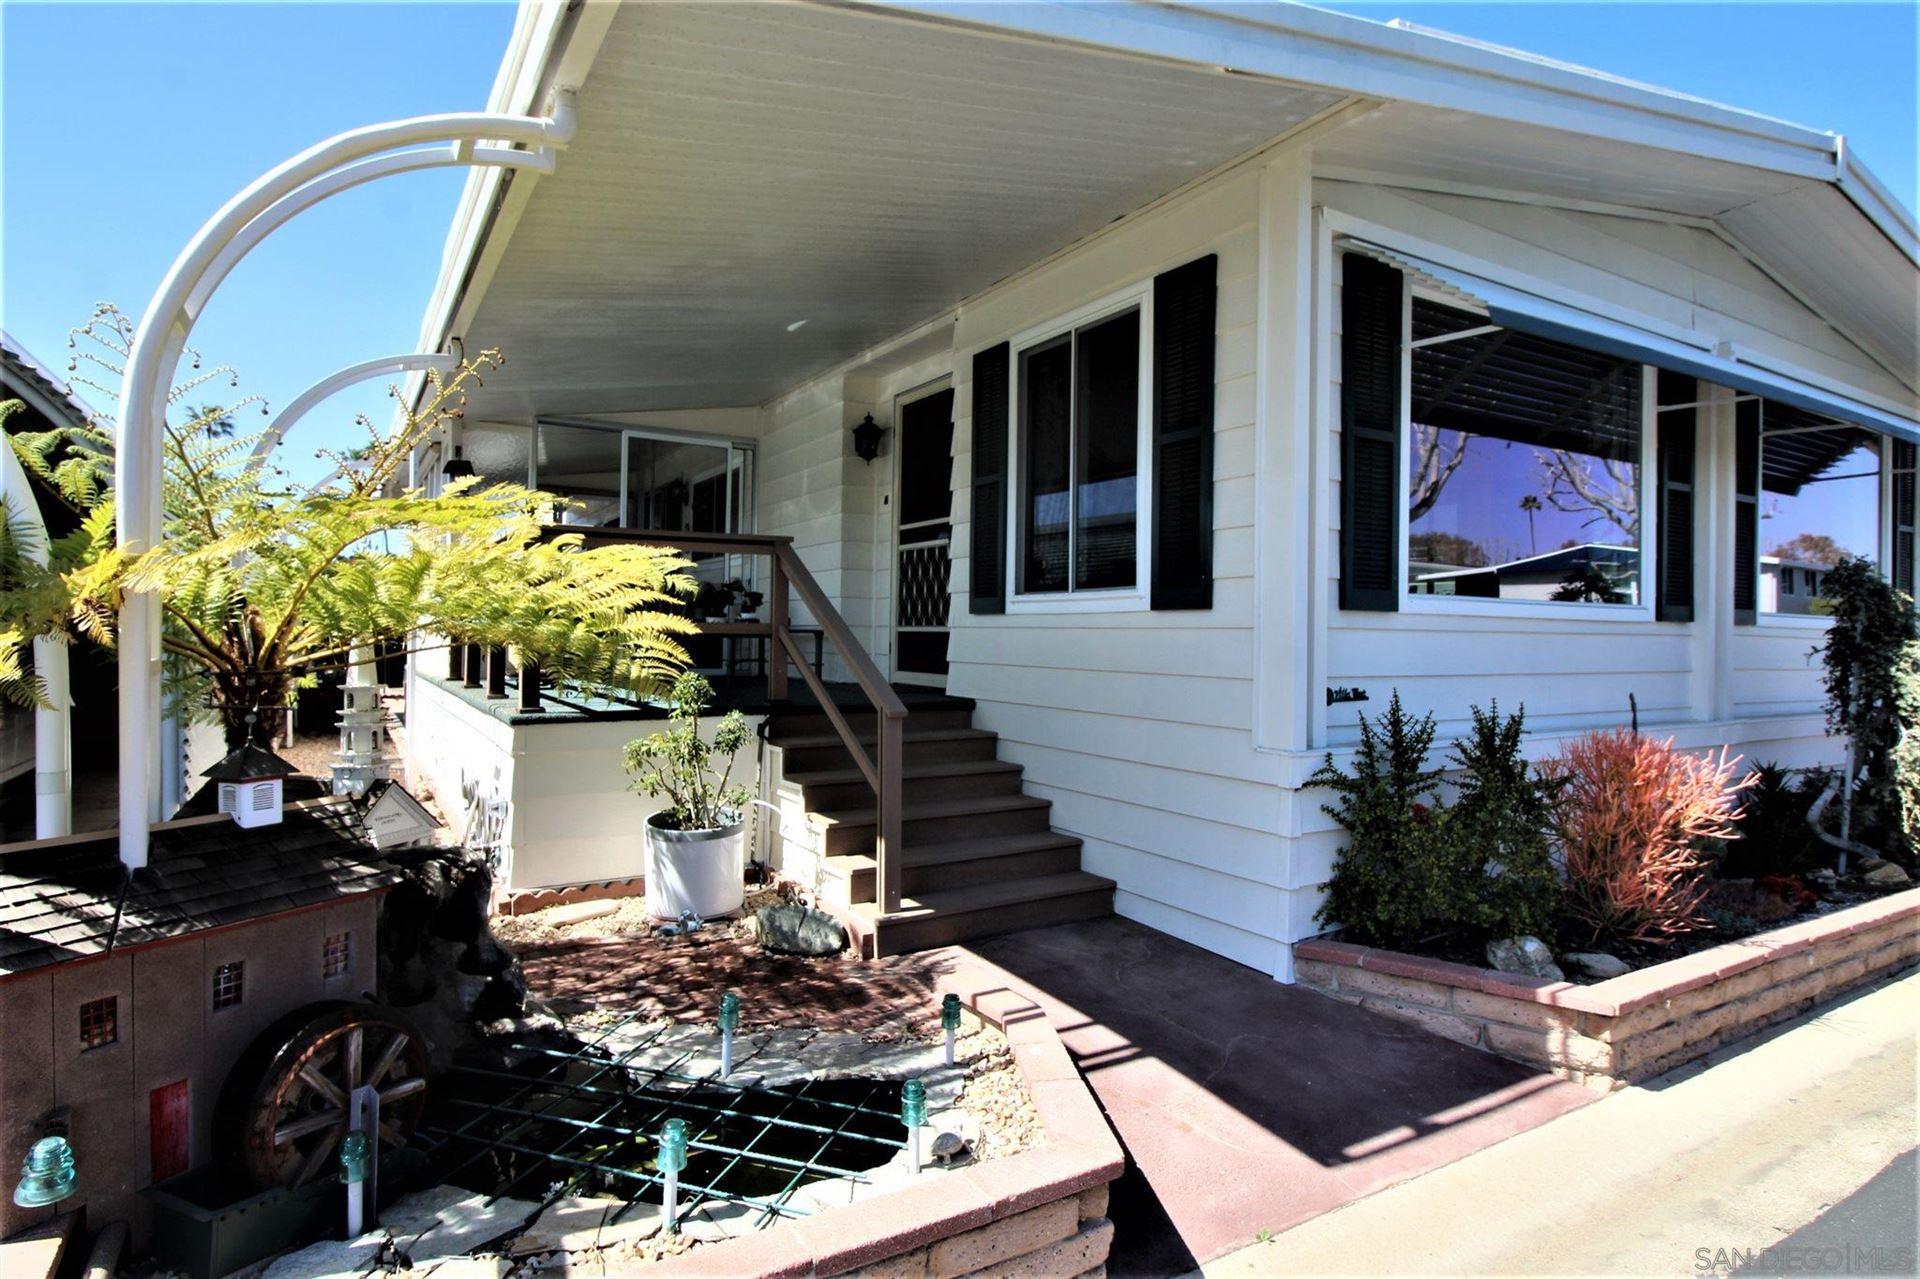 Photo of 7219 San Miguel #260, Carlsbad, CA 92011 (MLS # 210008456)